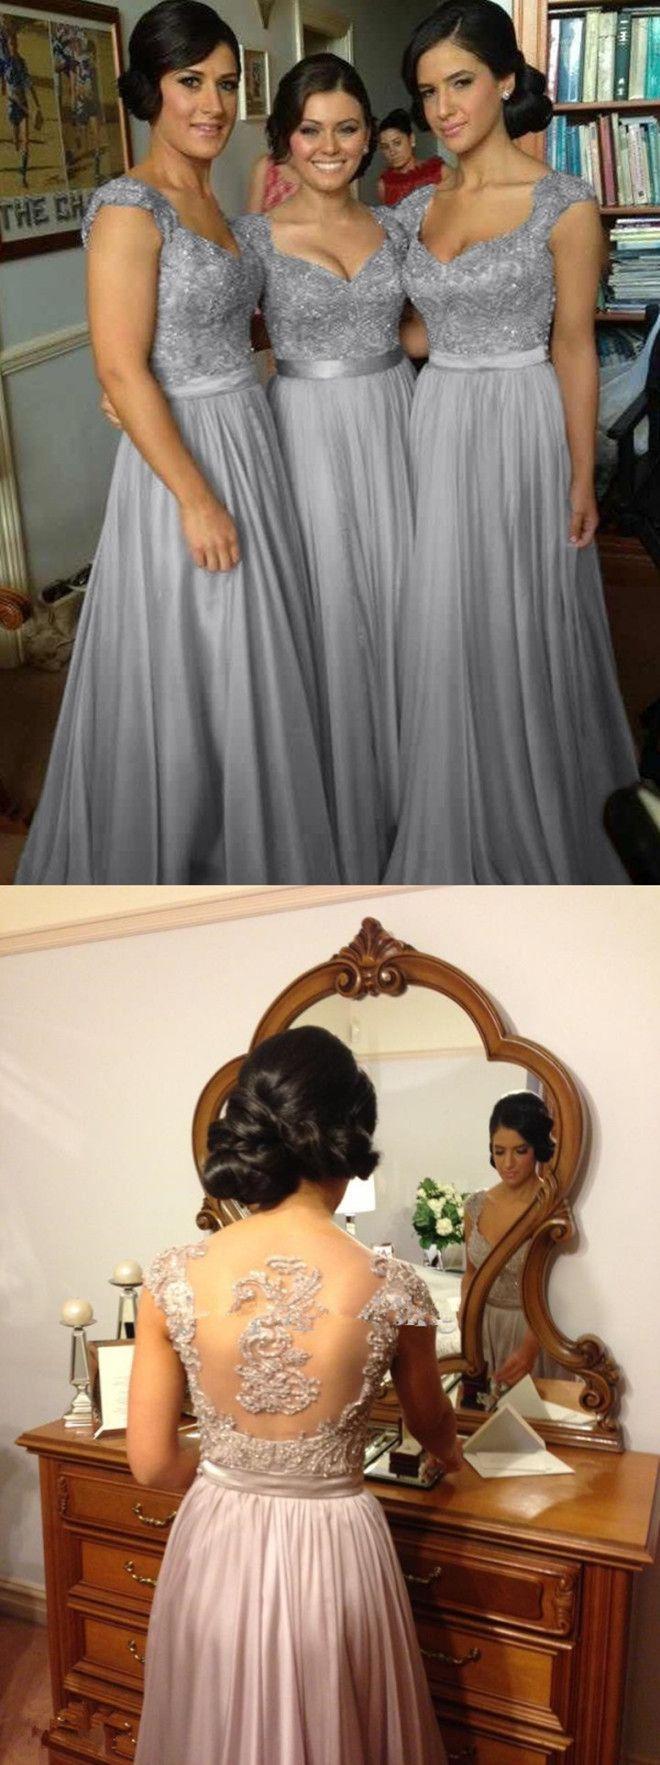 long bridesmaid dresses,lace bridesmaid dresses,grey bridesmaid dresses,simple bridesmaid dresses,cheap bridesmaid dresses